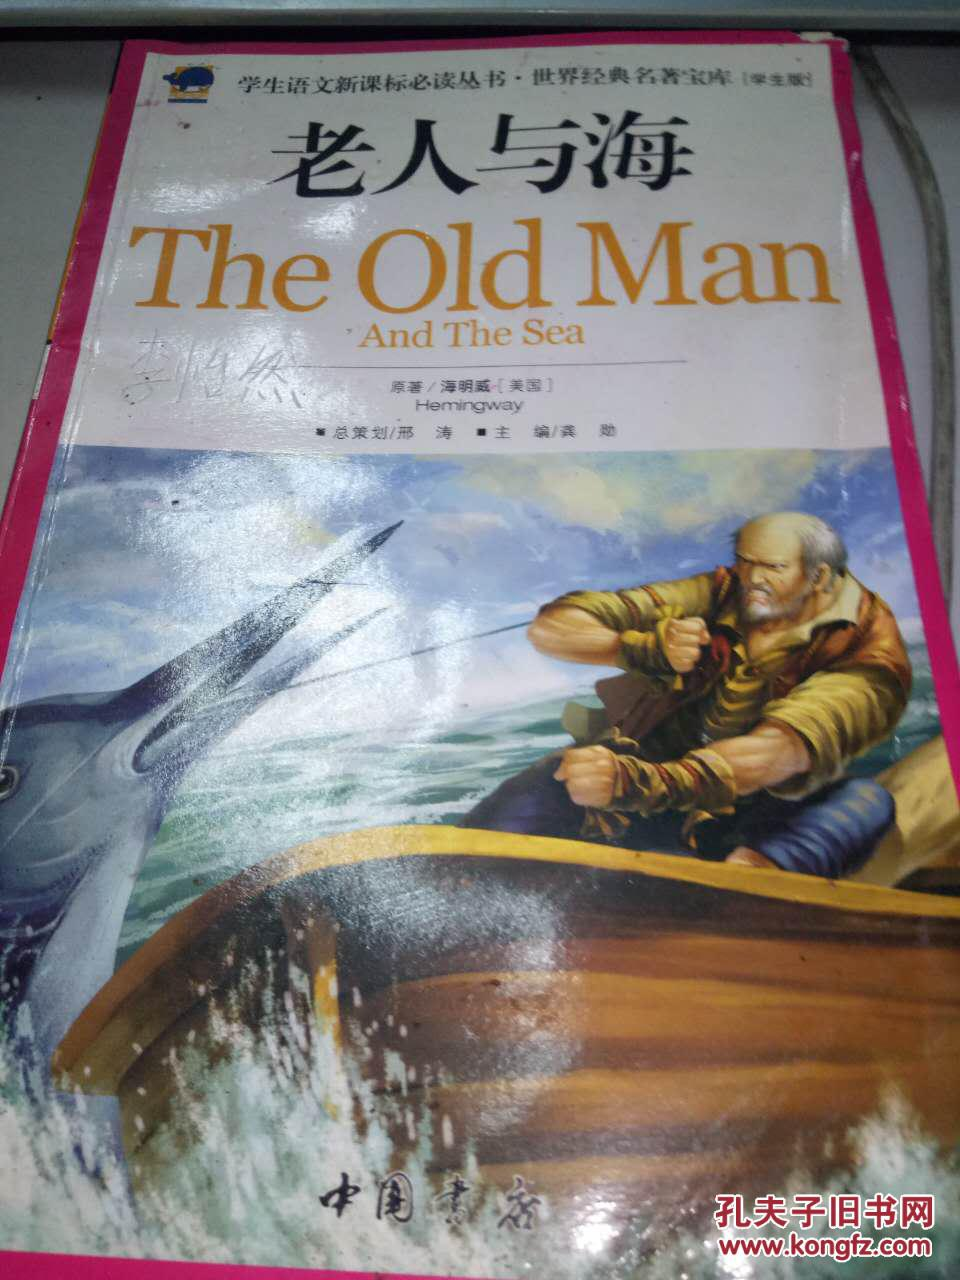 老人与海图片